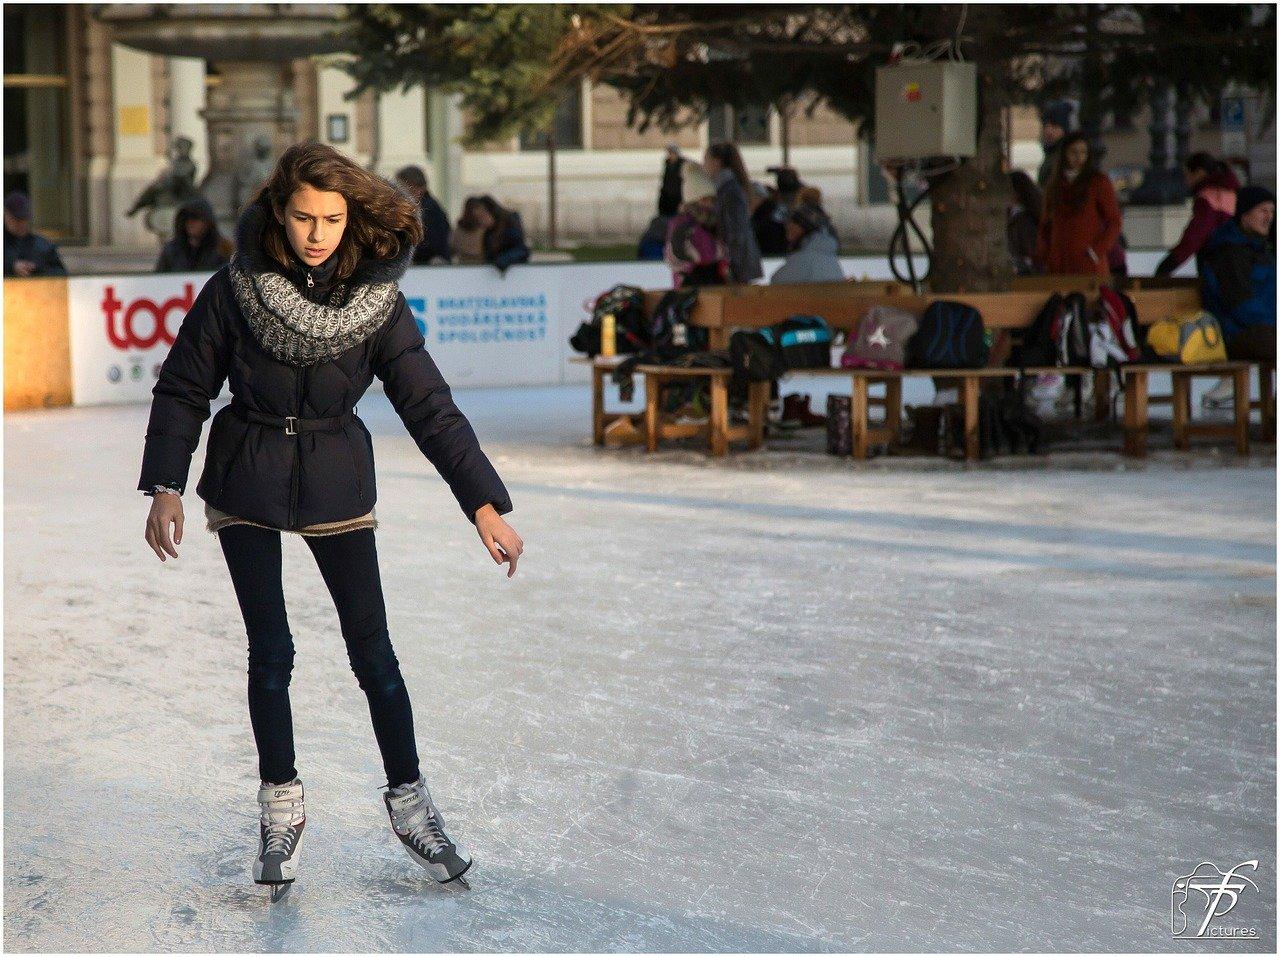 ice-skating-235545_1280